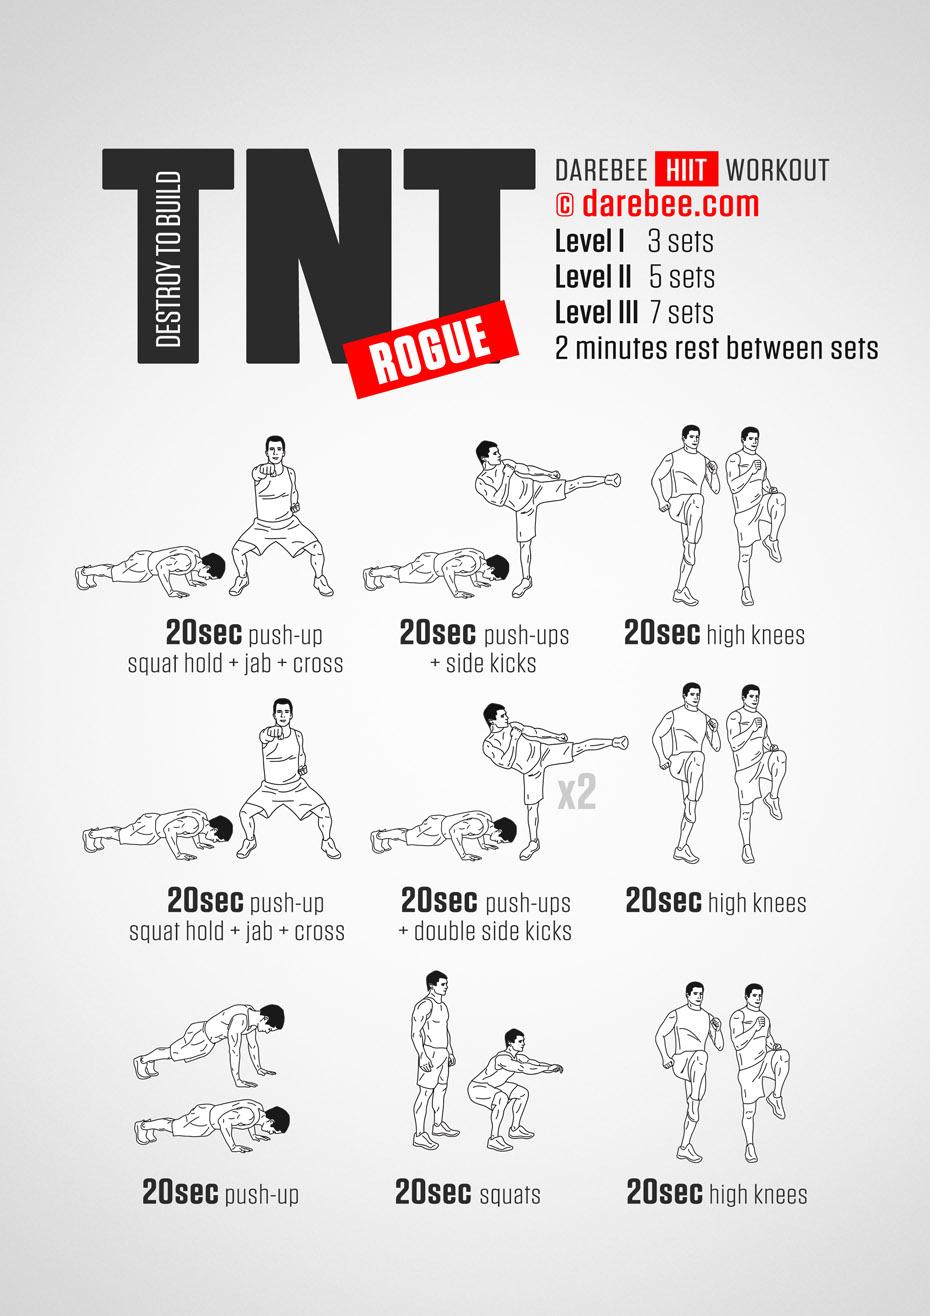 Rogue fitness workouts workoutwaper